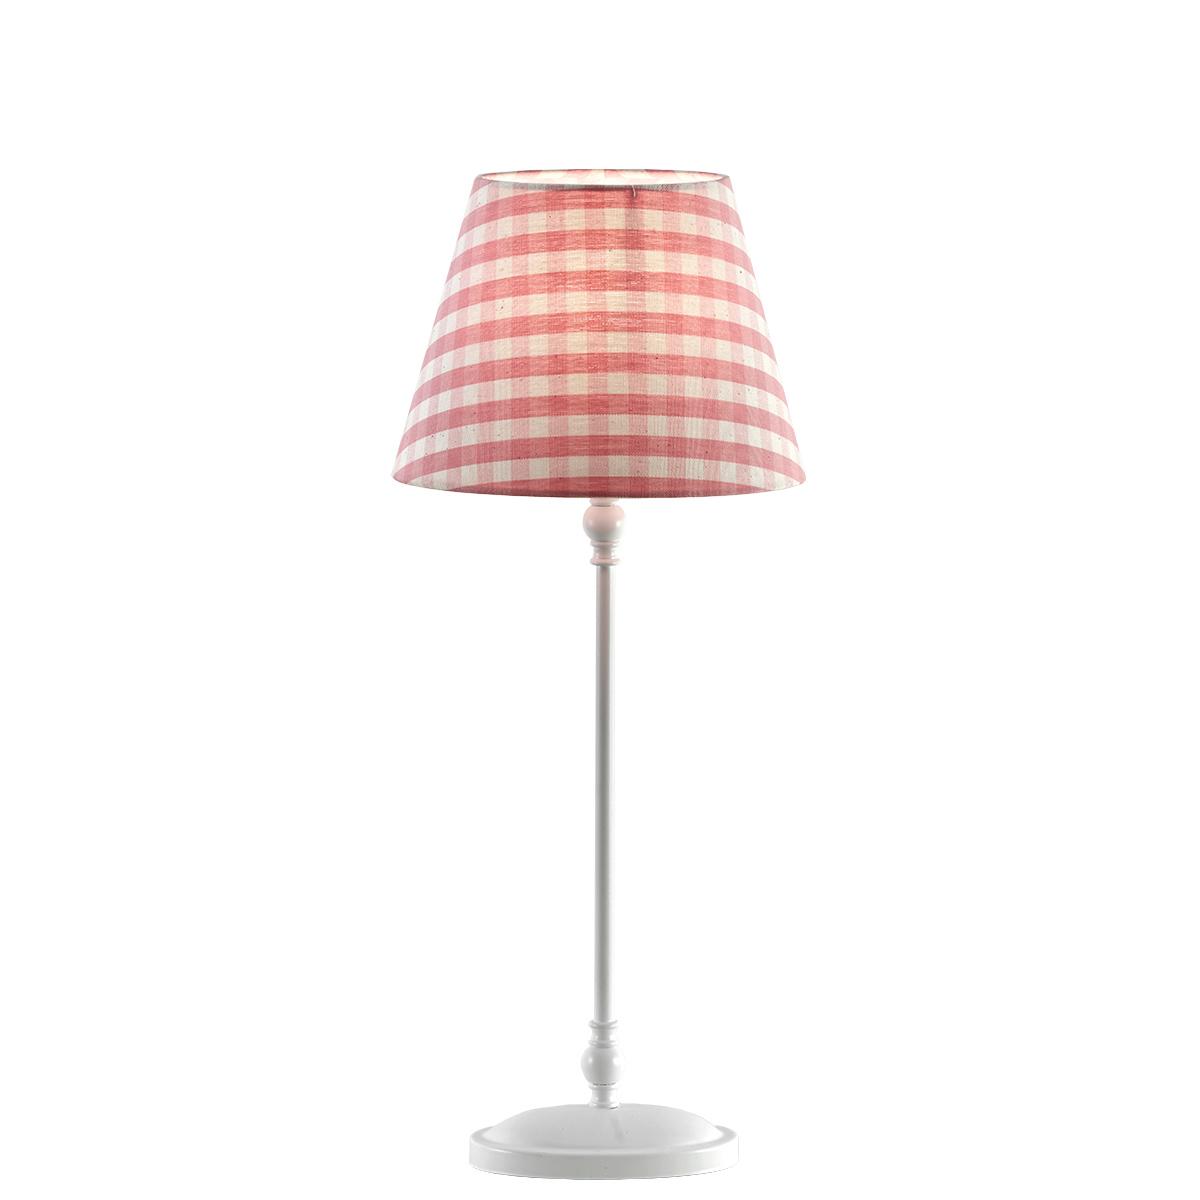 Παιδικό φωτιστικό επιτραπέζιο με ροζ καρό καπέλο BIANCO kids table lamp